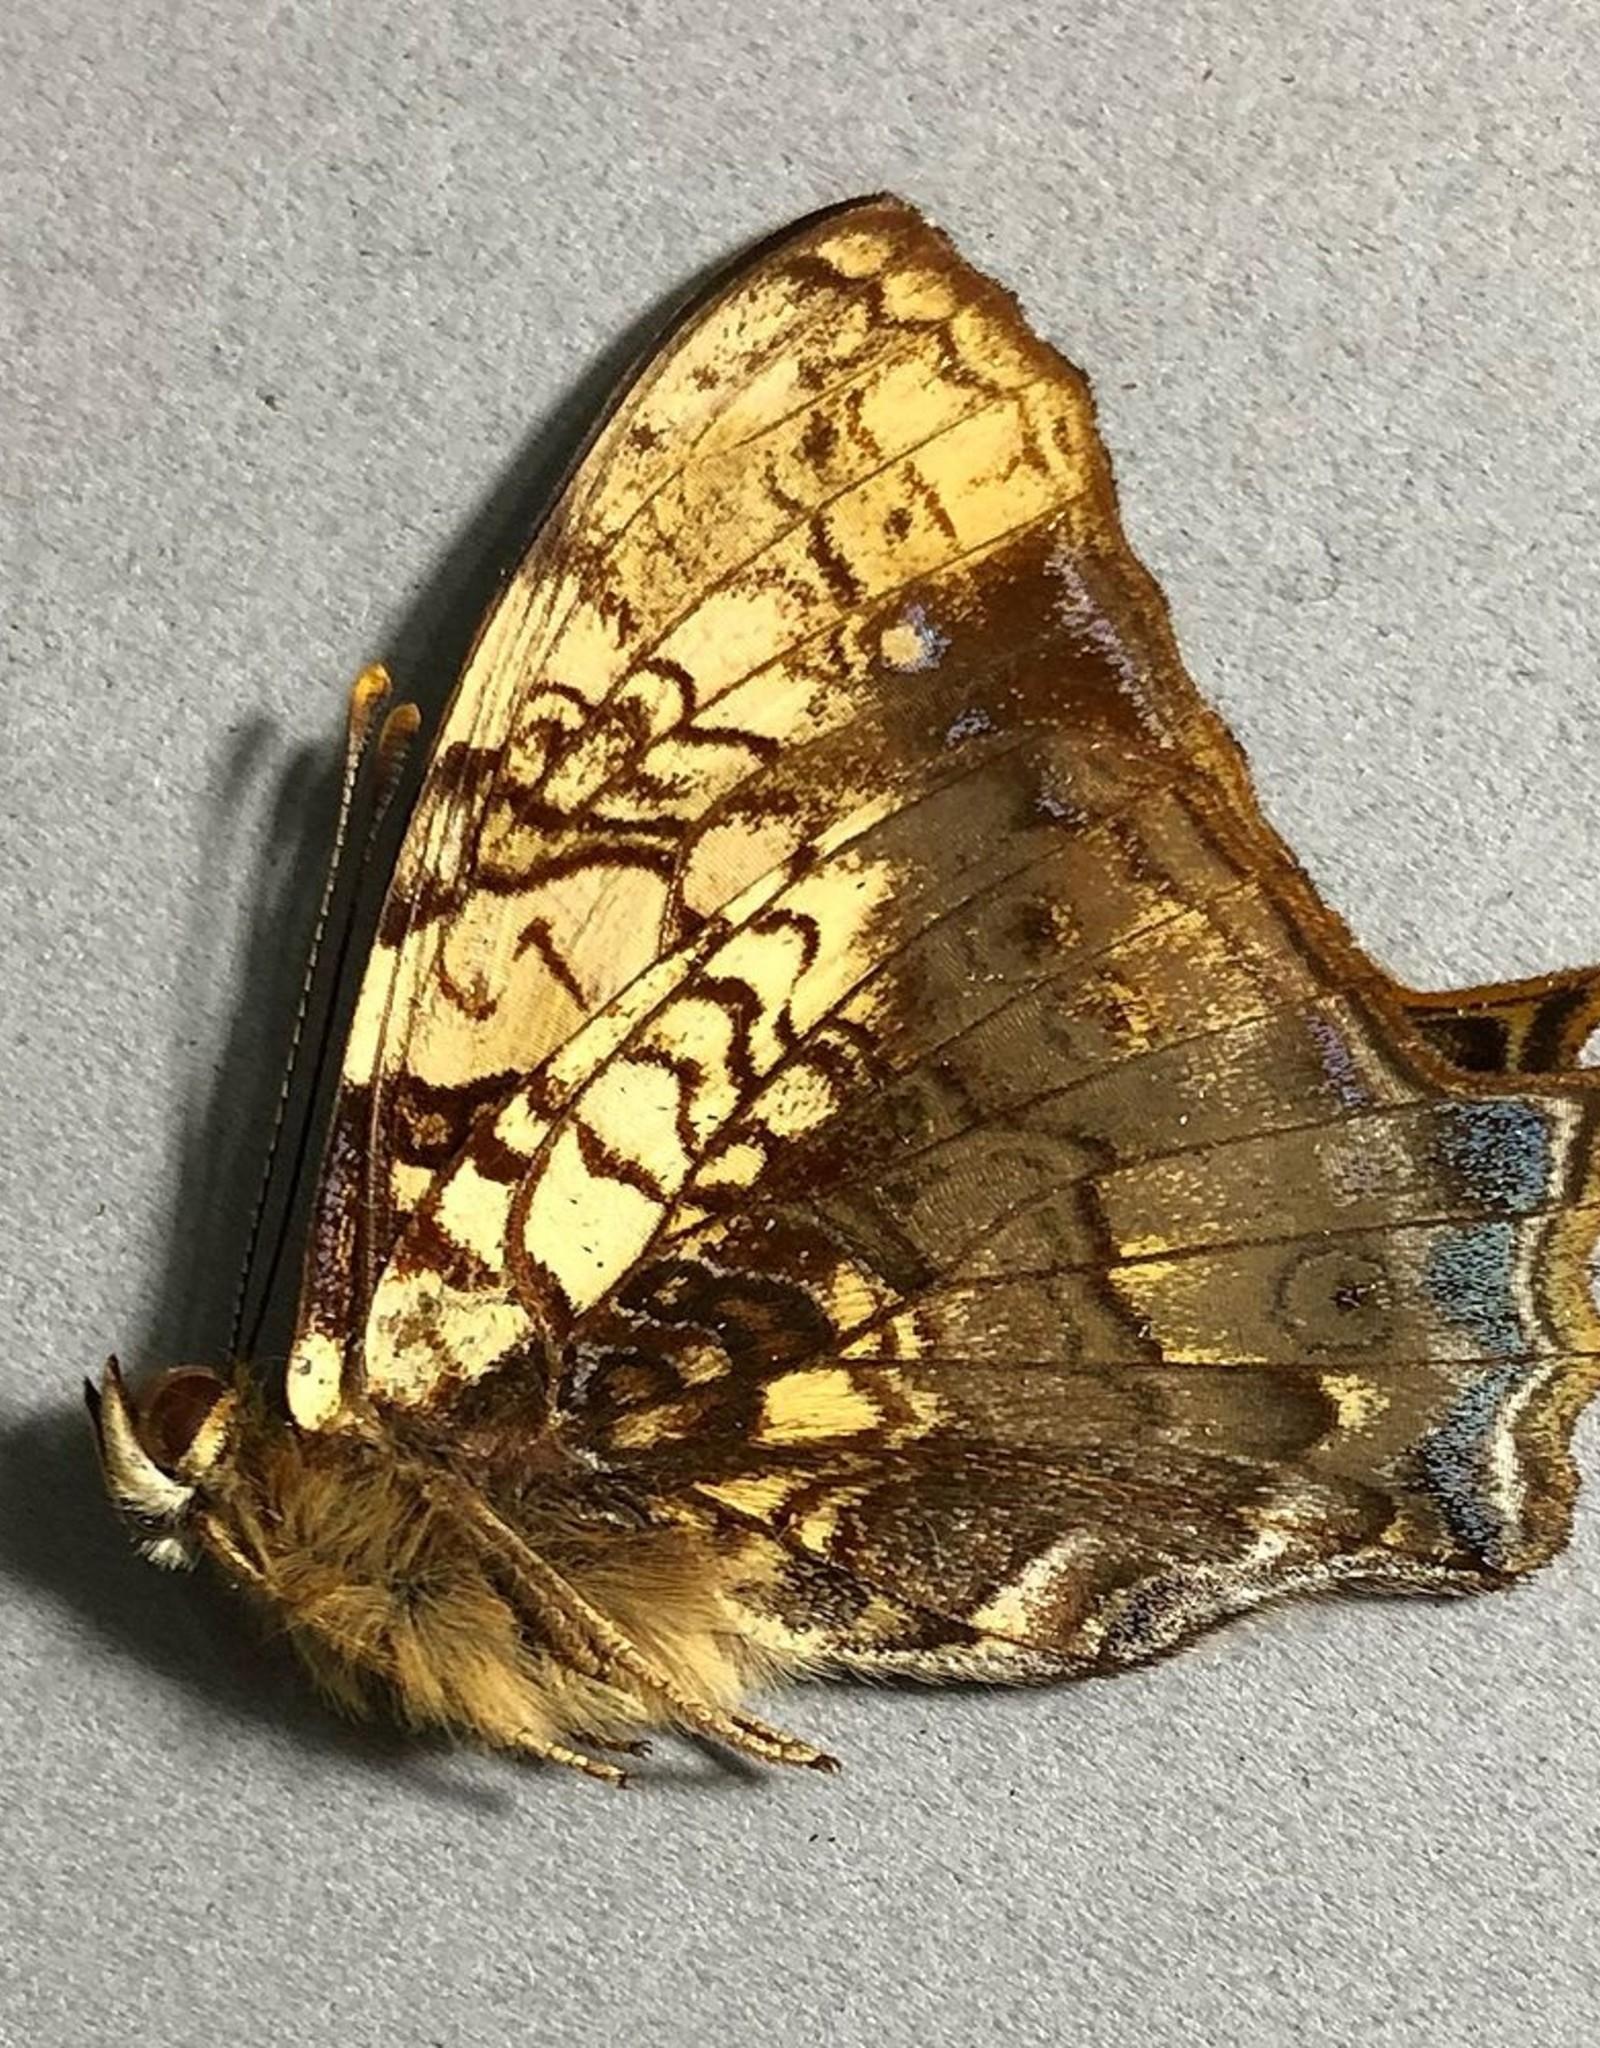 Hypanartia lethe lethe M A1/A1- Peru